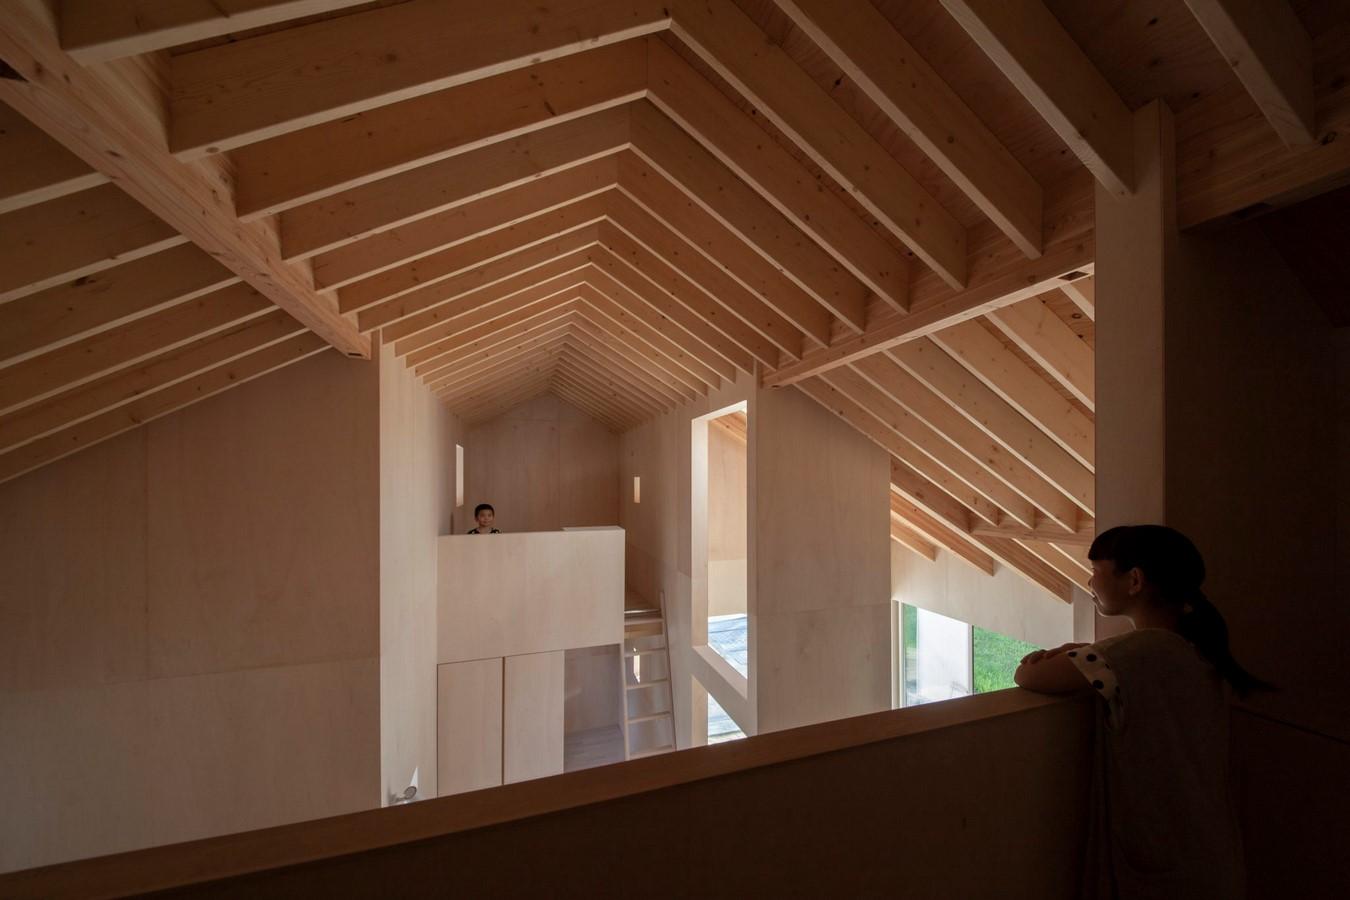 Katsutoshi Sasaki + Associates - Sheet4